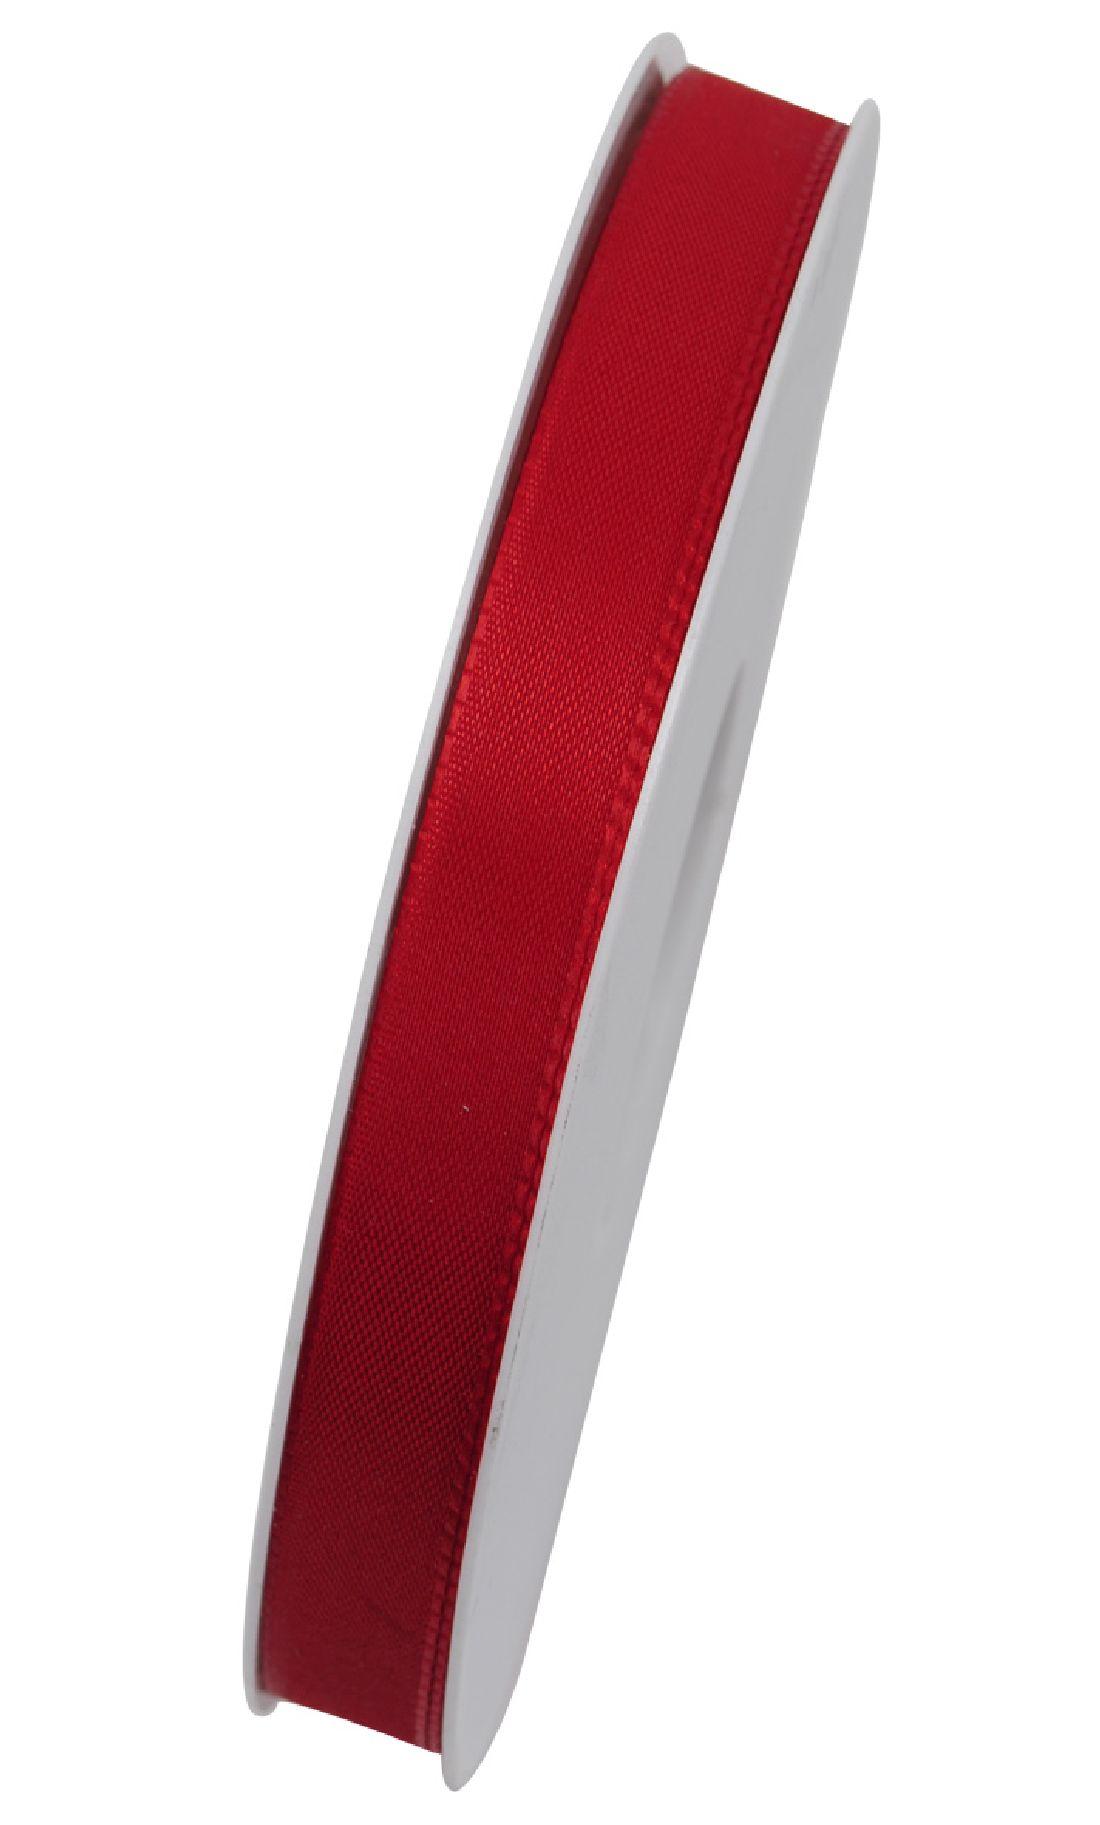 Basic ohne Draht / Taftband ROT 20 15mm 50m